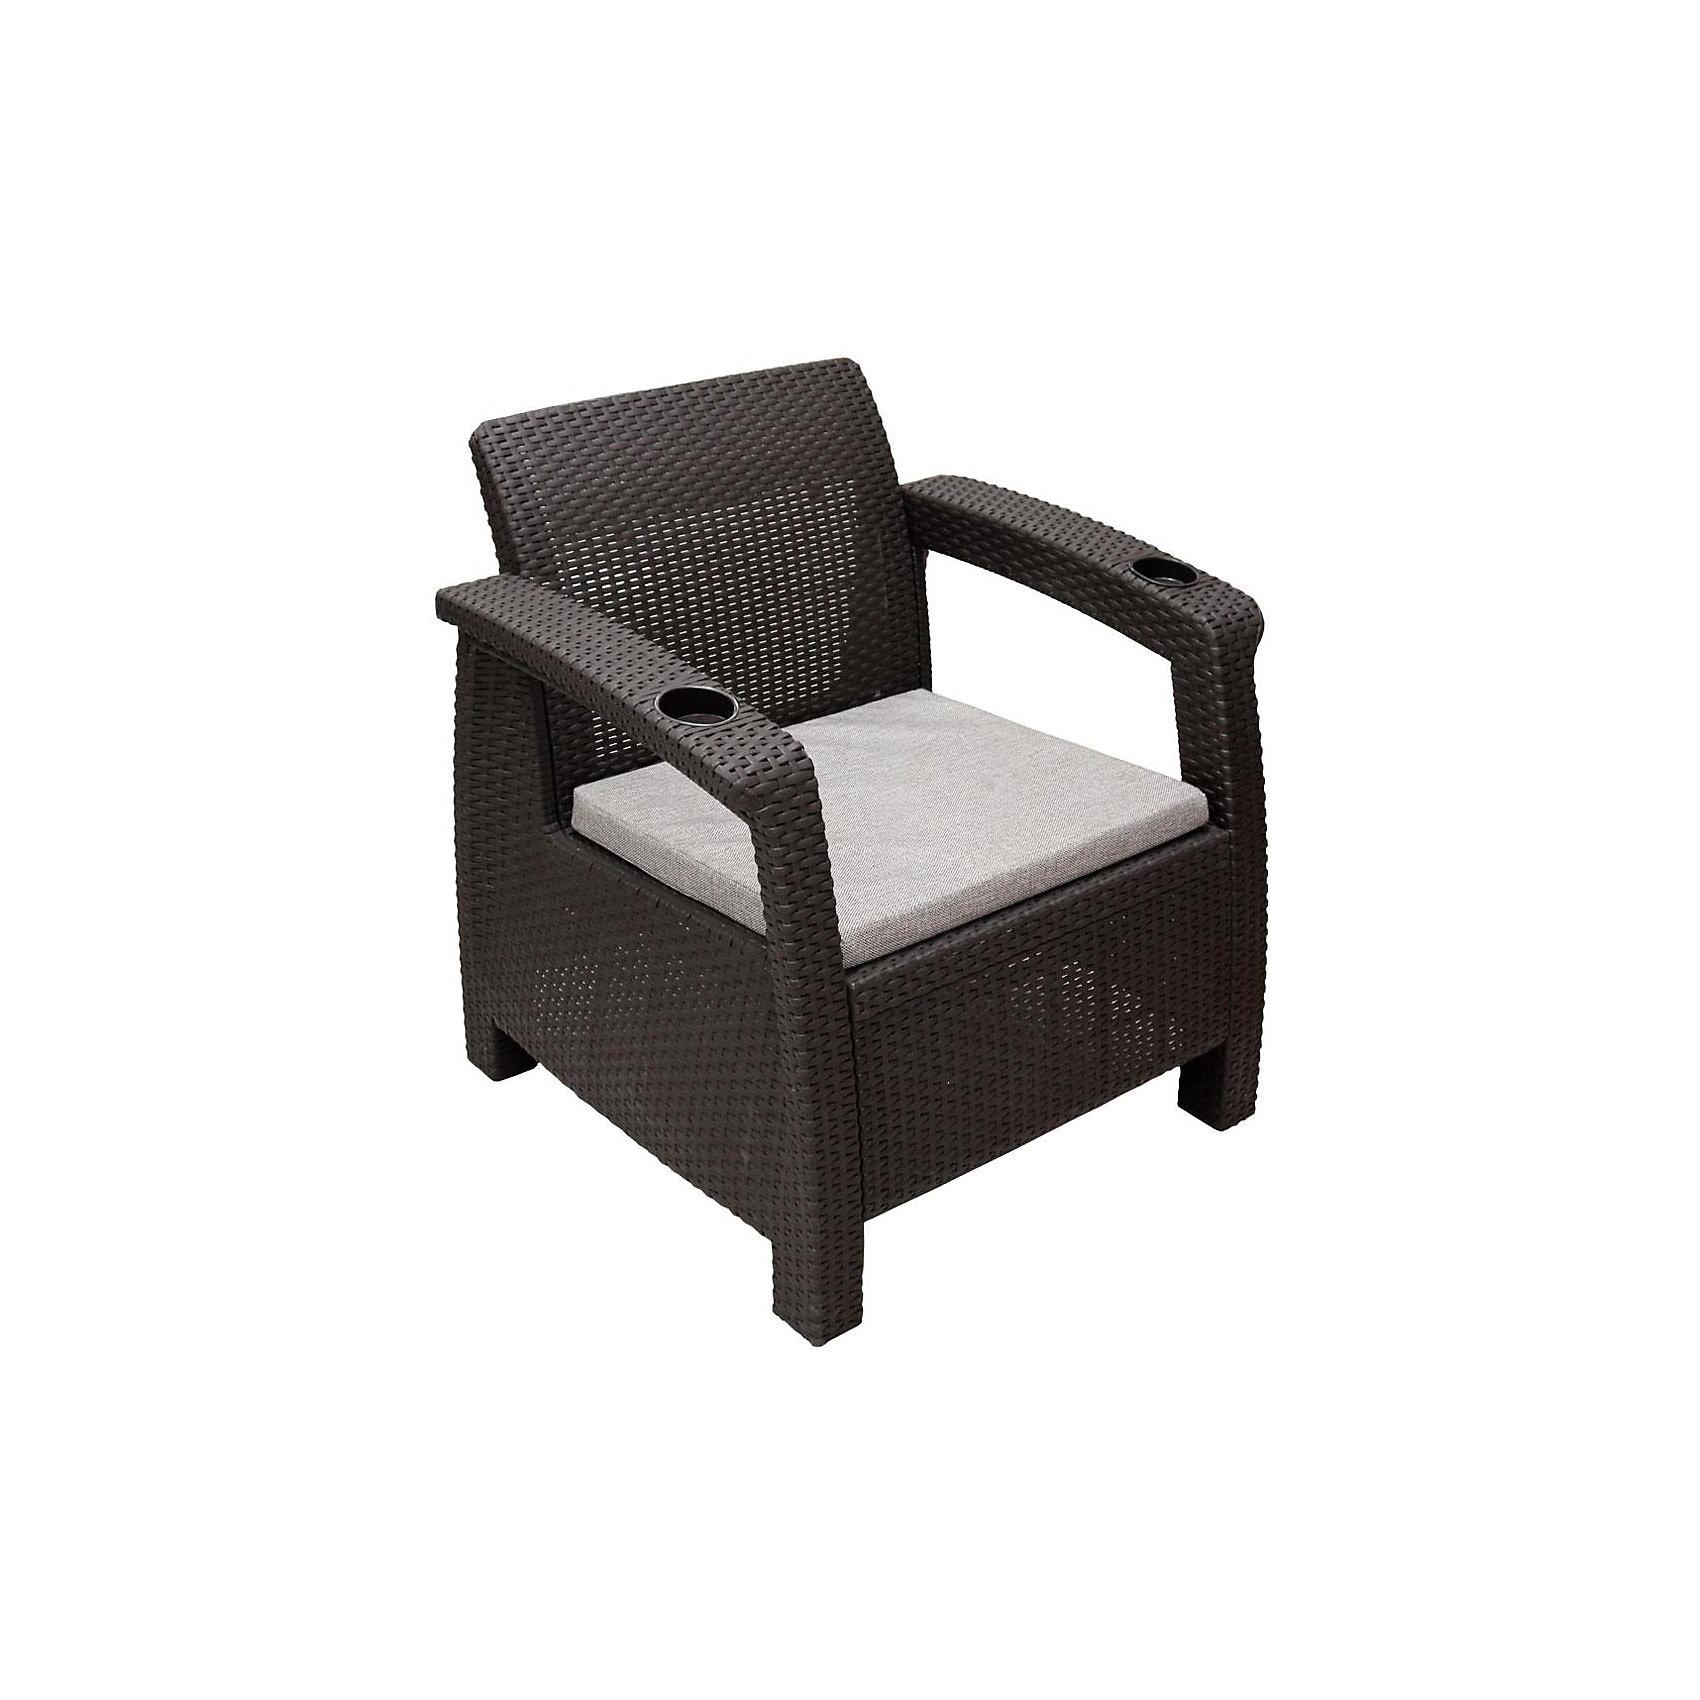 Кресло Ротанг с подушкой, Alternativa, коричневыйДетские столы и стулья<br>Кресло Ротанг 730х700х790 с подуш., Alternativa (Альтернатива), коричневый<br><br>Характеристики:<br><br>• привлекательный дизайн<br>• прочные материалы<br>• мягкая подушка<br>• два подстаканника<br>• цвет: коричневый<br>• материал: пластик<br>• размер: 73х70х79 см<br>• вес: 6,8 кг<br><br>Расположившись в кресле Ротанг вы сможете отдохнуть с комфортом. Кресло изготовлено из искусственного ротанга - пластика с высокой износостойкостью. Широкие ножки обеспечивают изделию хорошую устойчивость на любых поверхностях. На подлокотниках расположены два подстаканника для ваших любимых напитков. На сидении есть мягкая подушка, которая обеспечит вам дополнительный уют и комфорт в течение всего отдыха.<br><br>Кресло Ротанг 730х700х790 с подуш., Alternativa (Альтернатива), коричневый вы можете купить в нашем интернет-магазине.<br><br>Ширина мм: 730<br>Глубина мм: 700<br>Высота мм: 790<br>Вес г: 7500<br>Возраст от месяцев: 12<br>Возраст до месяцев: 1188<br>Пол: Унисекс<br>Возраст: Детский<br>SKU: 5436204